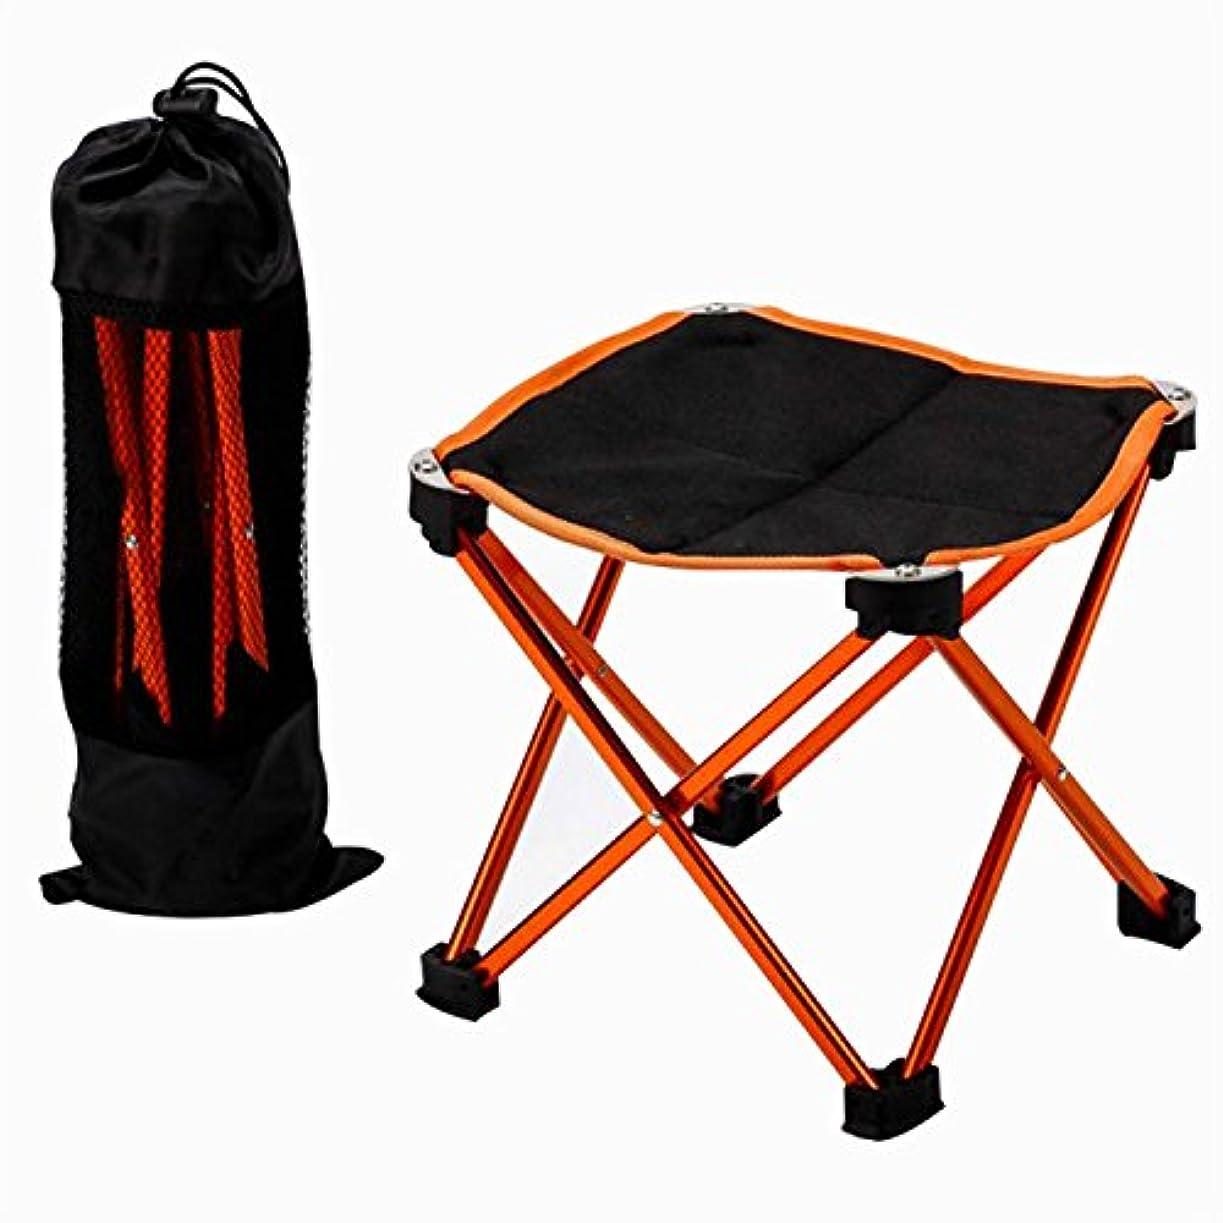 私たち観点のためLigangam アウトドア フィッシングチェア 釣り椅子 ビーチチェア 折りたたみ アルミ合金 超軽量 コンパクト チェア キャンプ 登山 釣り用 収納用袋付属 多色